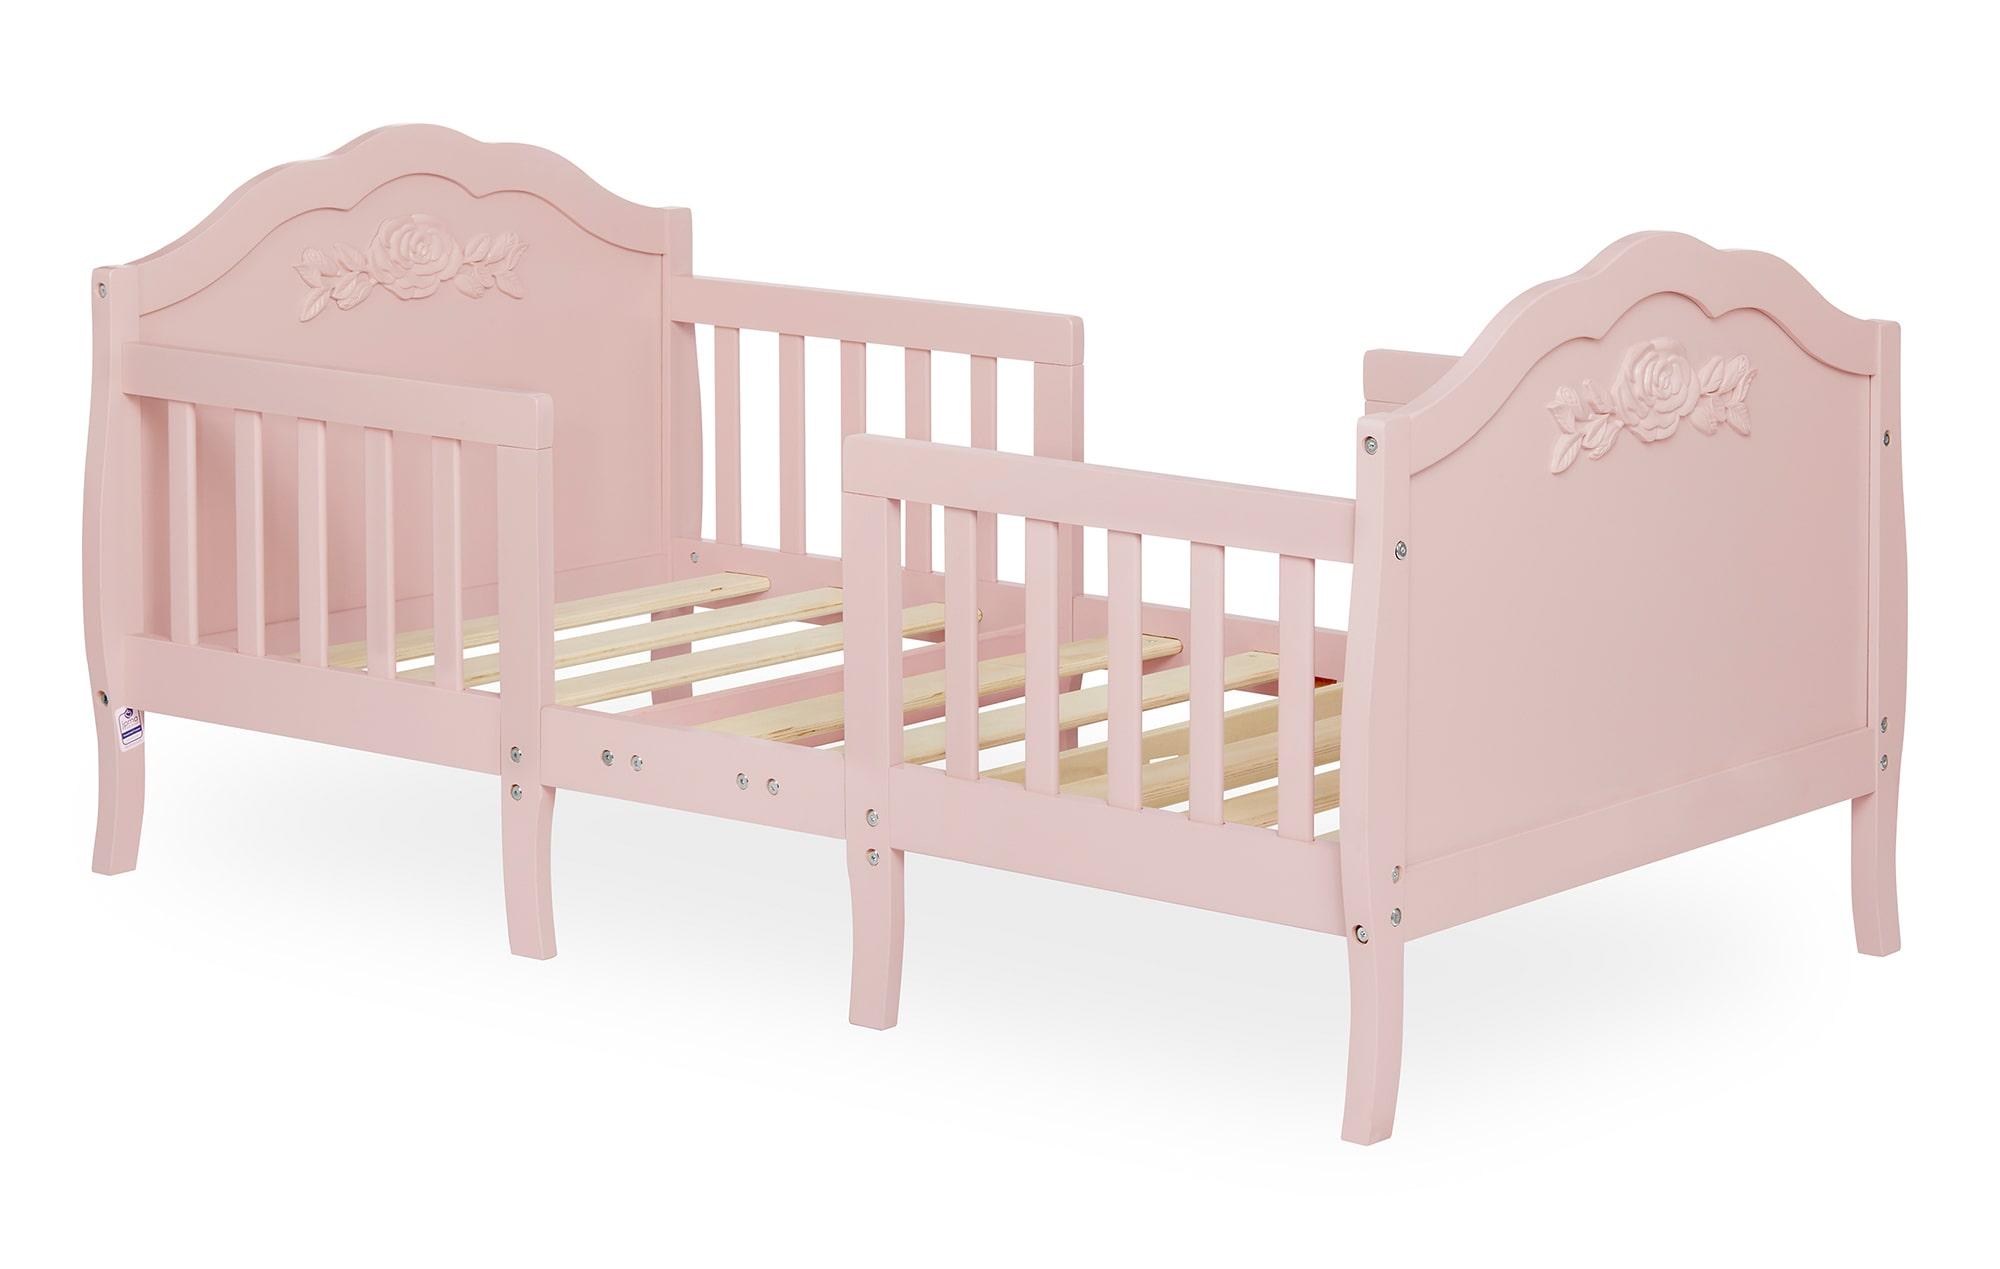 640_BLUSH Rose Toddler Bed Silo 2